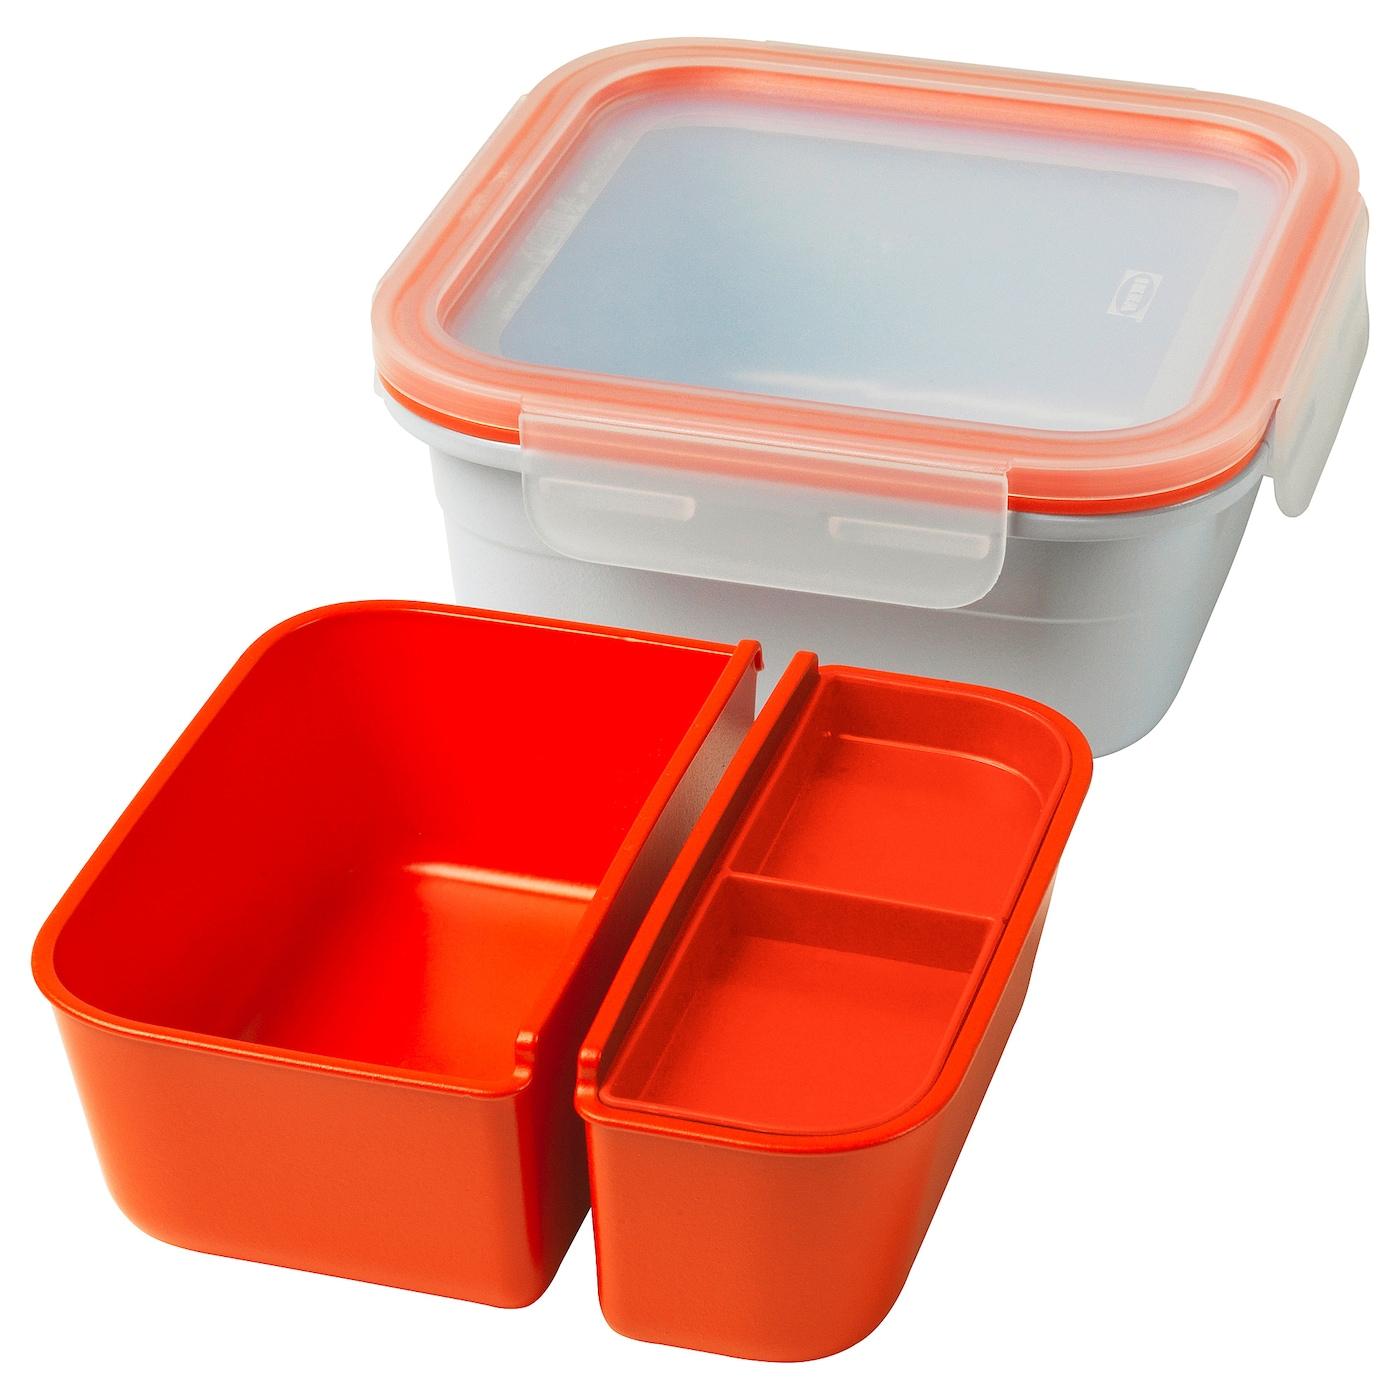 IKEA 365+ Lunchbox mit Einsätzen – 750 ml